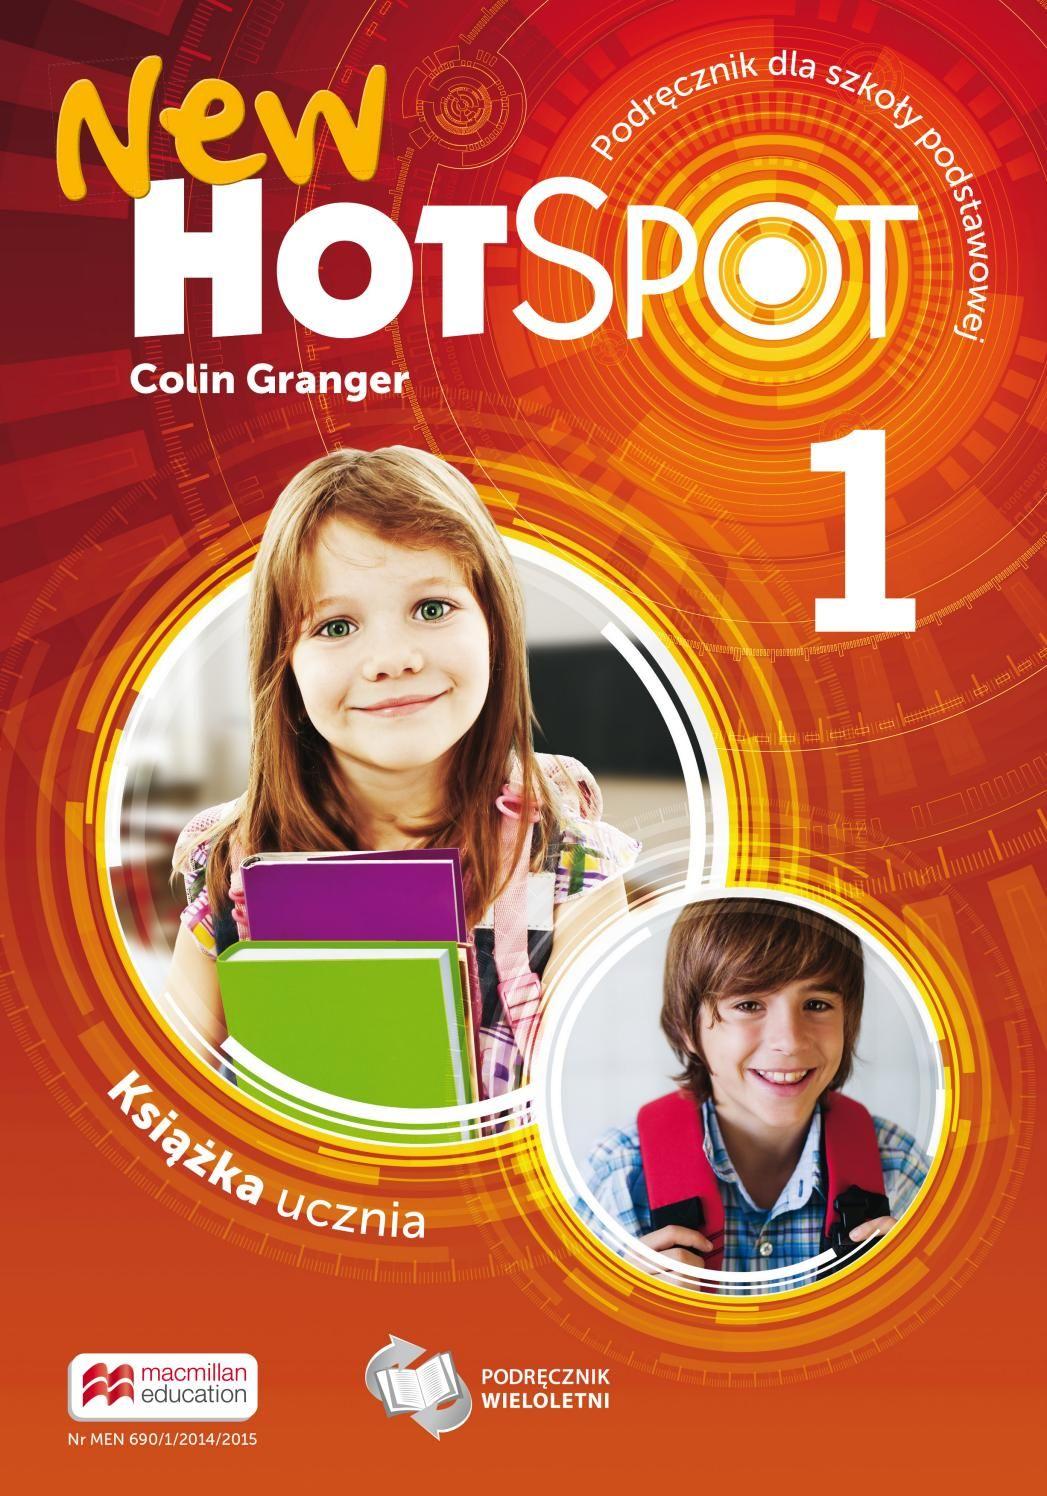 New Hot Spot 1 (podręcznik wieloletni) by Macmillan Polska Sp. z o.o. - issuu